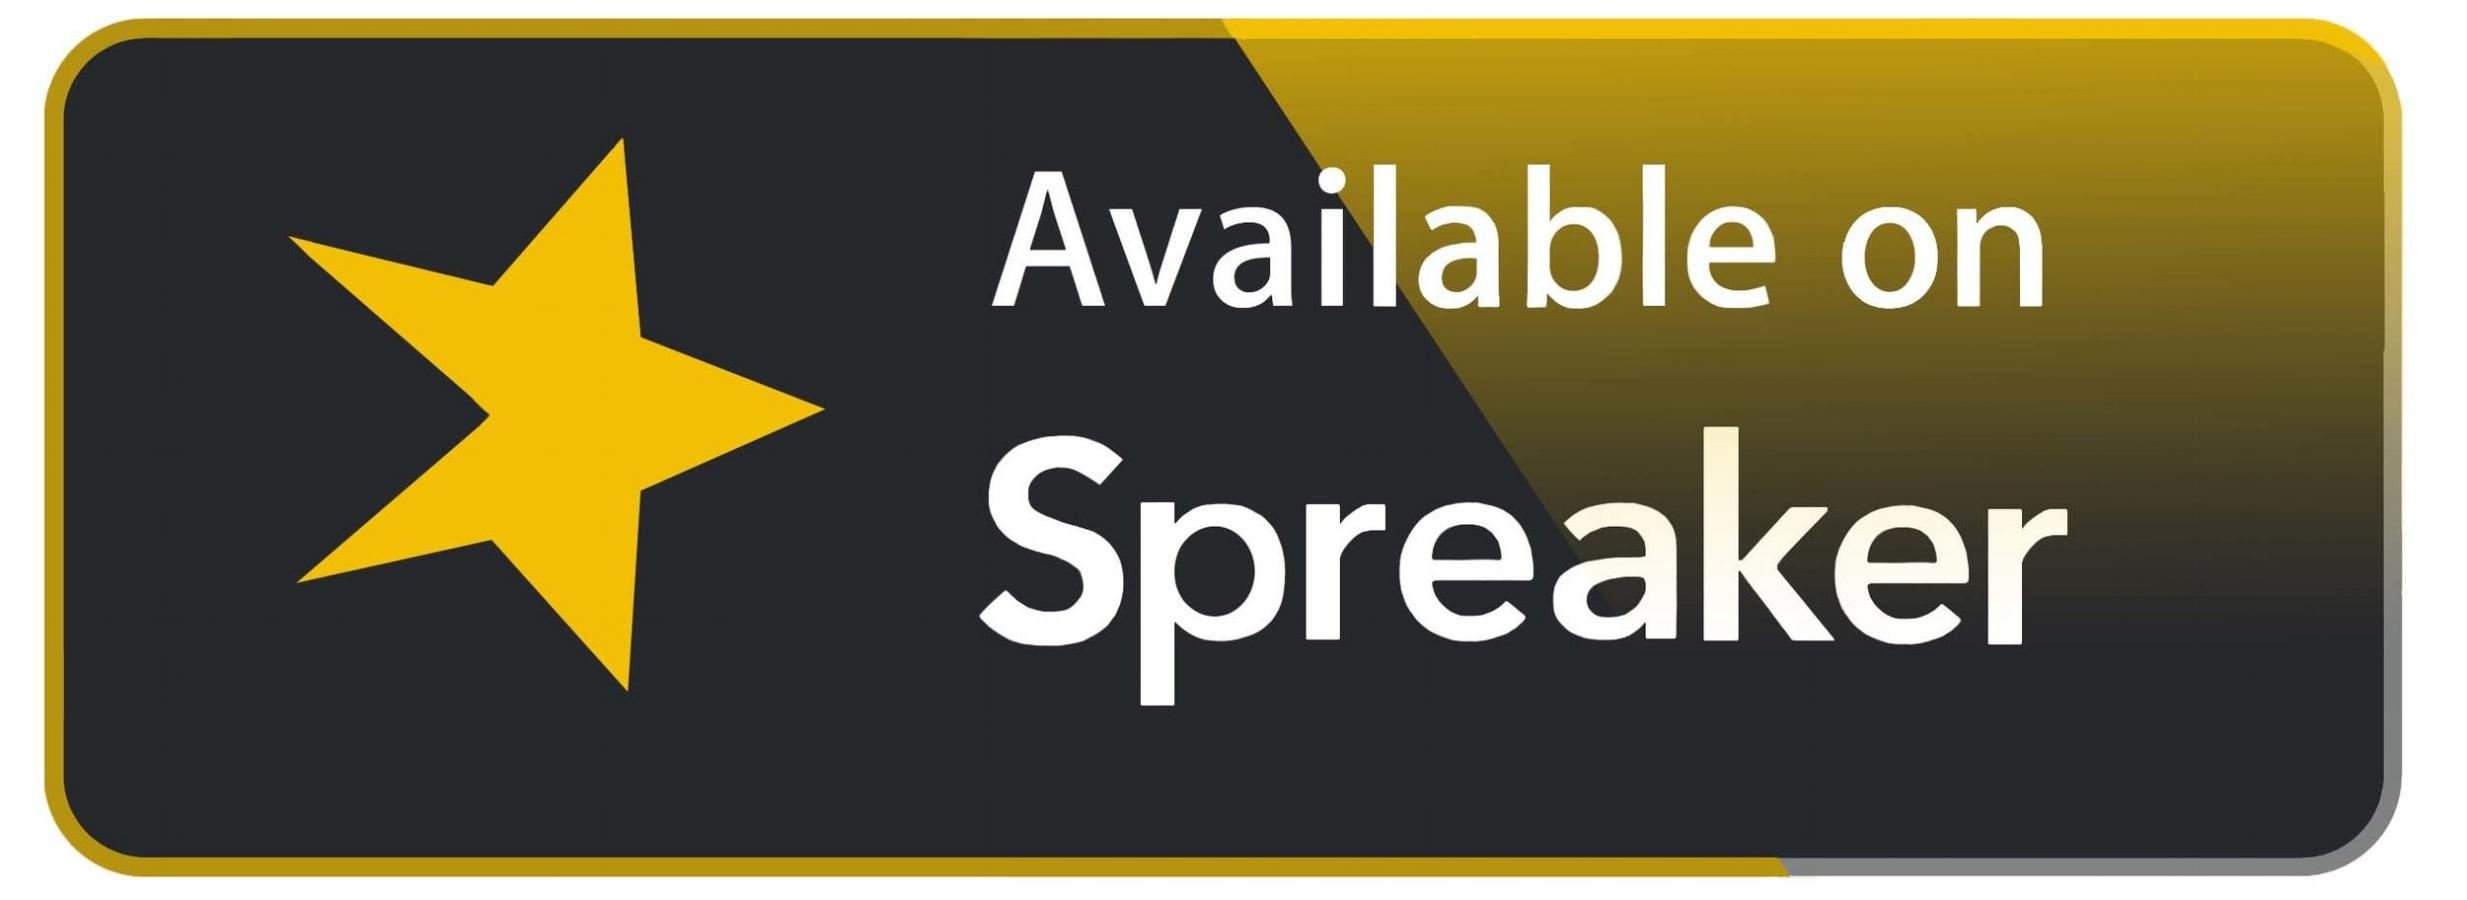 57ffe7142df9a4bb41faea73_spreaker-logo-cover.jpg